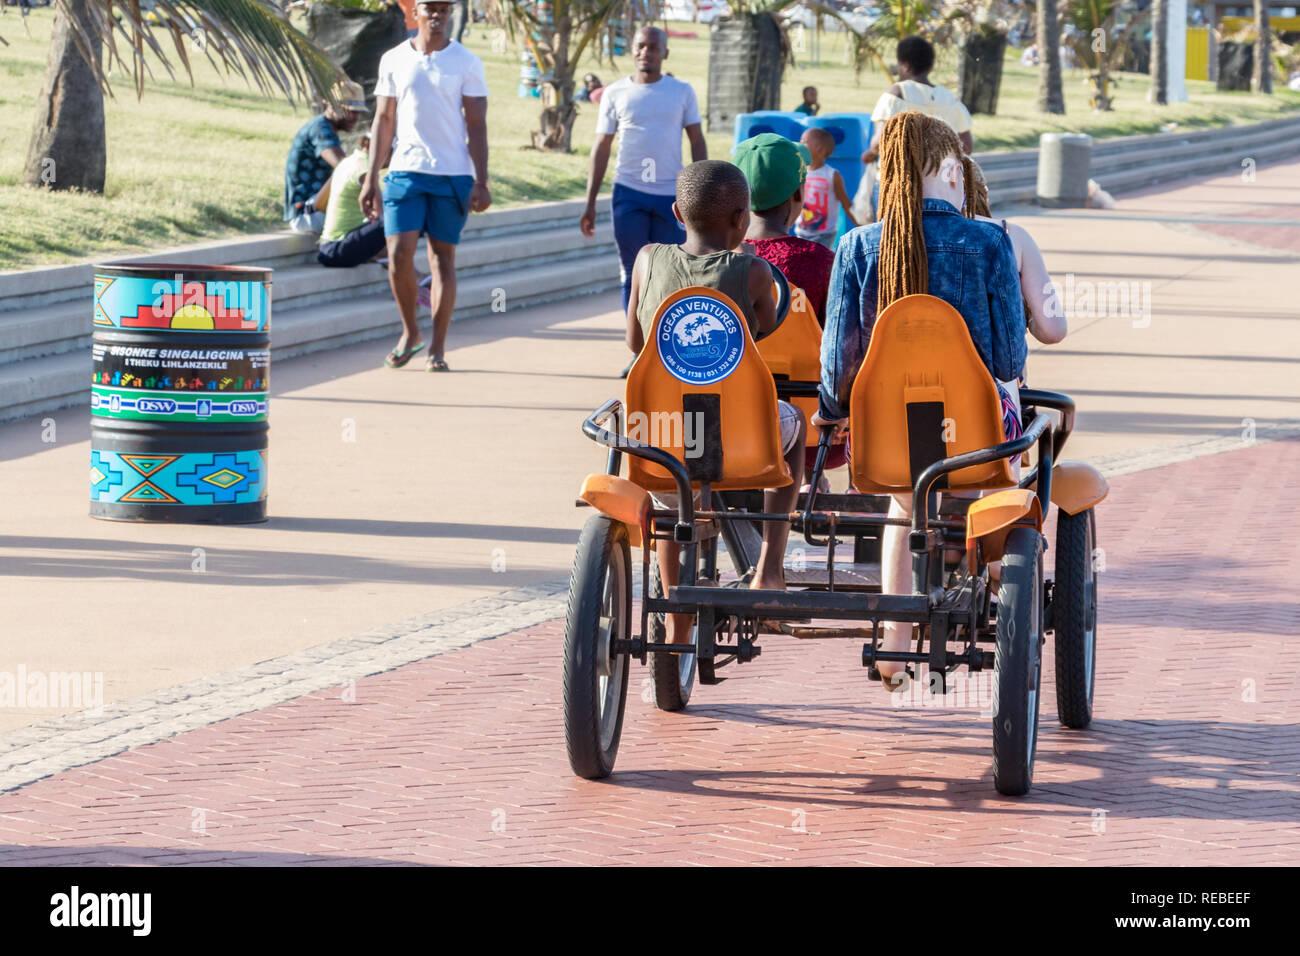 Durban, Sud Africa - Gennaio 06th, 2019: Due ragazzi neri e due bianchi-caucasica ragazze la condivisione di un quadriciclo per un giro in spiaggia di Durban, Sud Immagini Stock